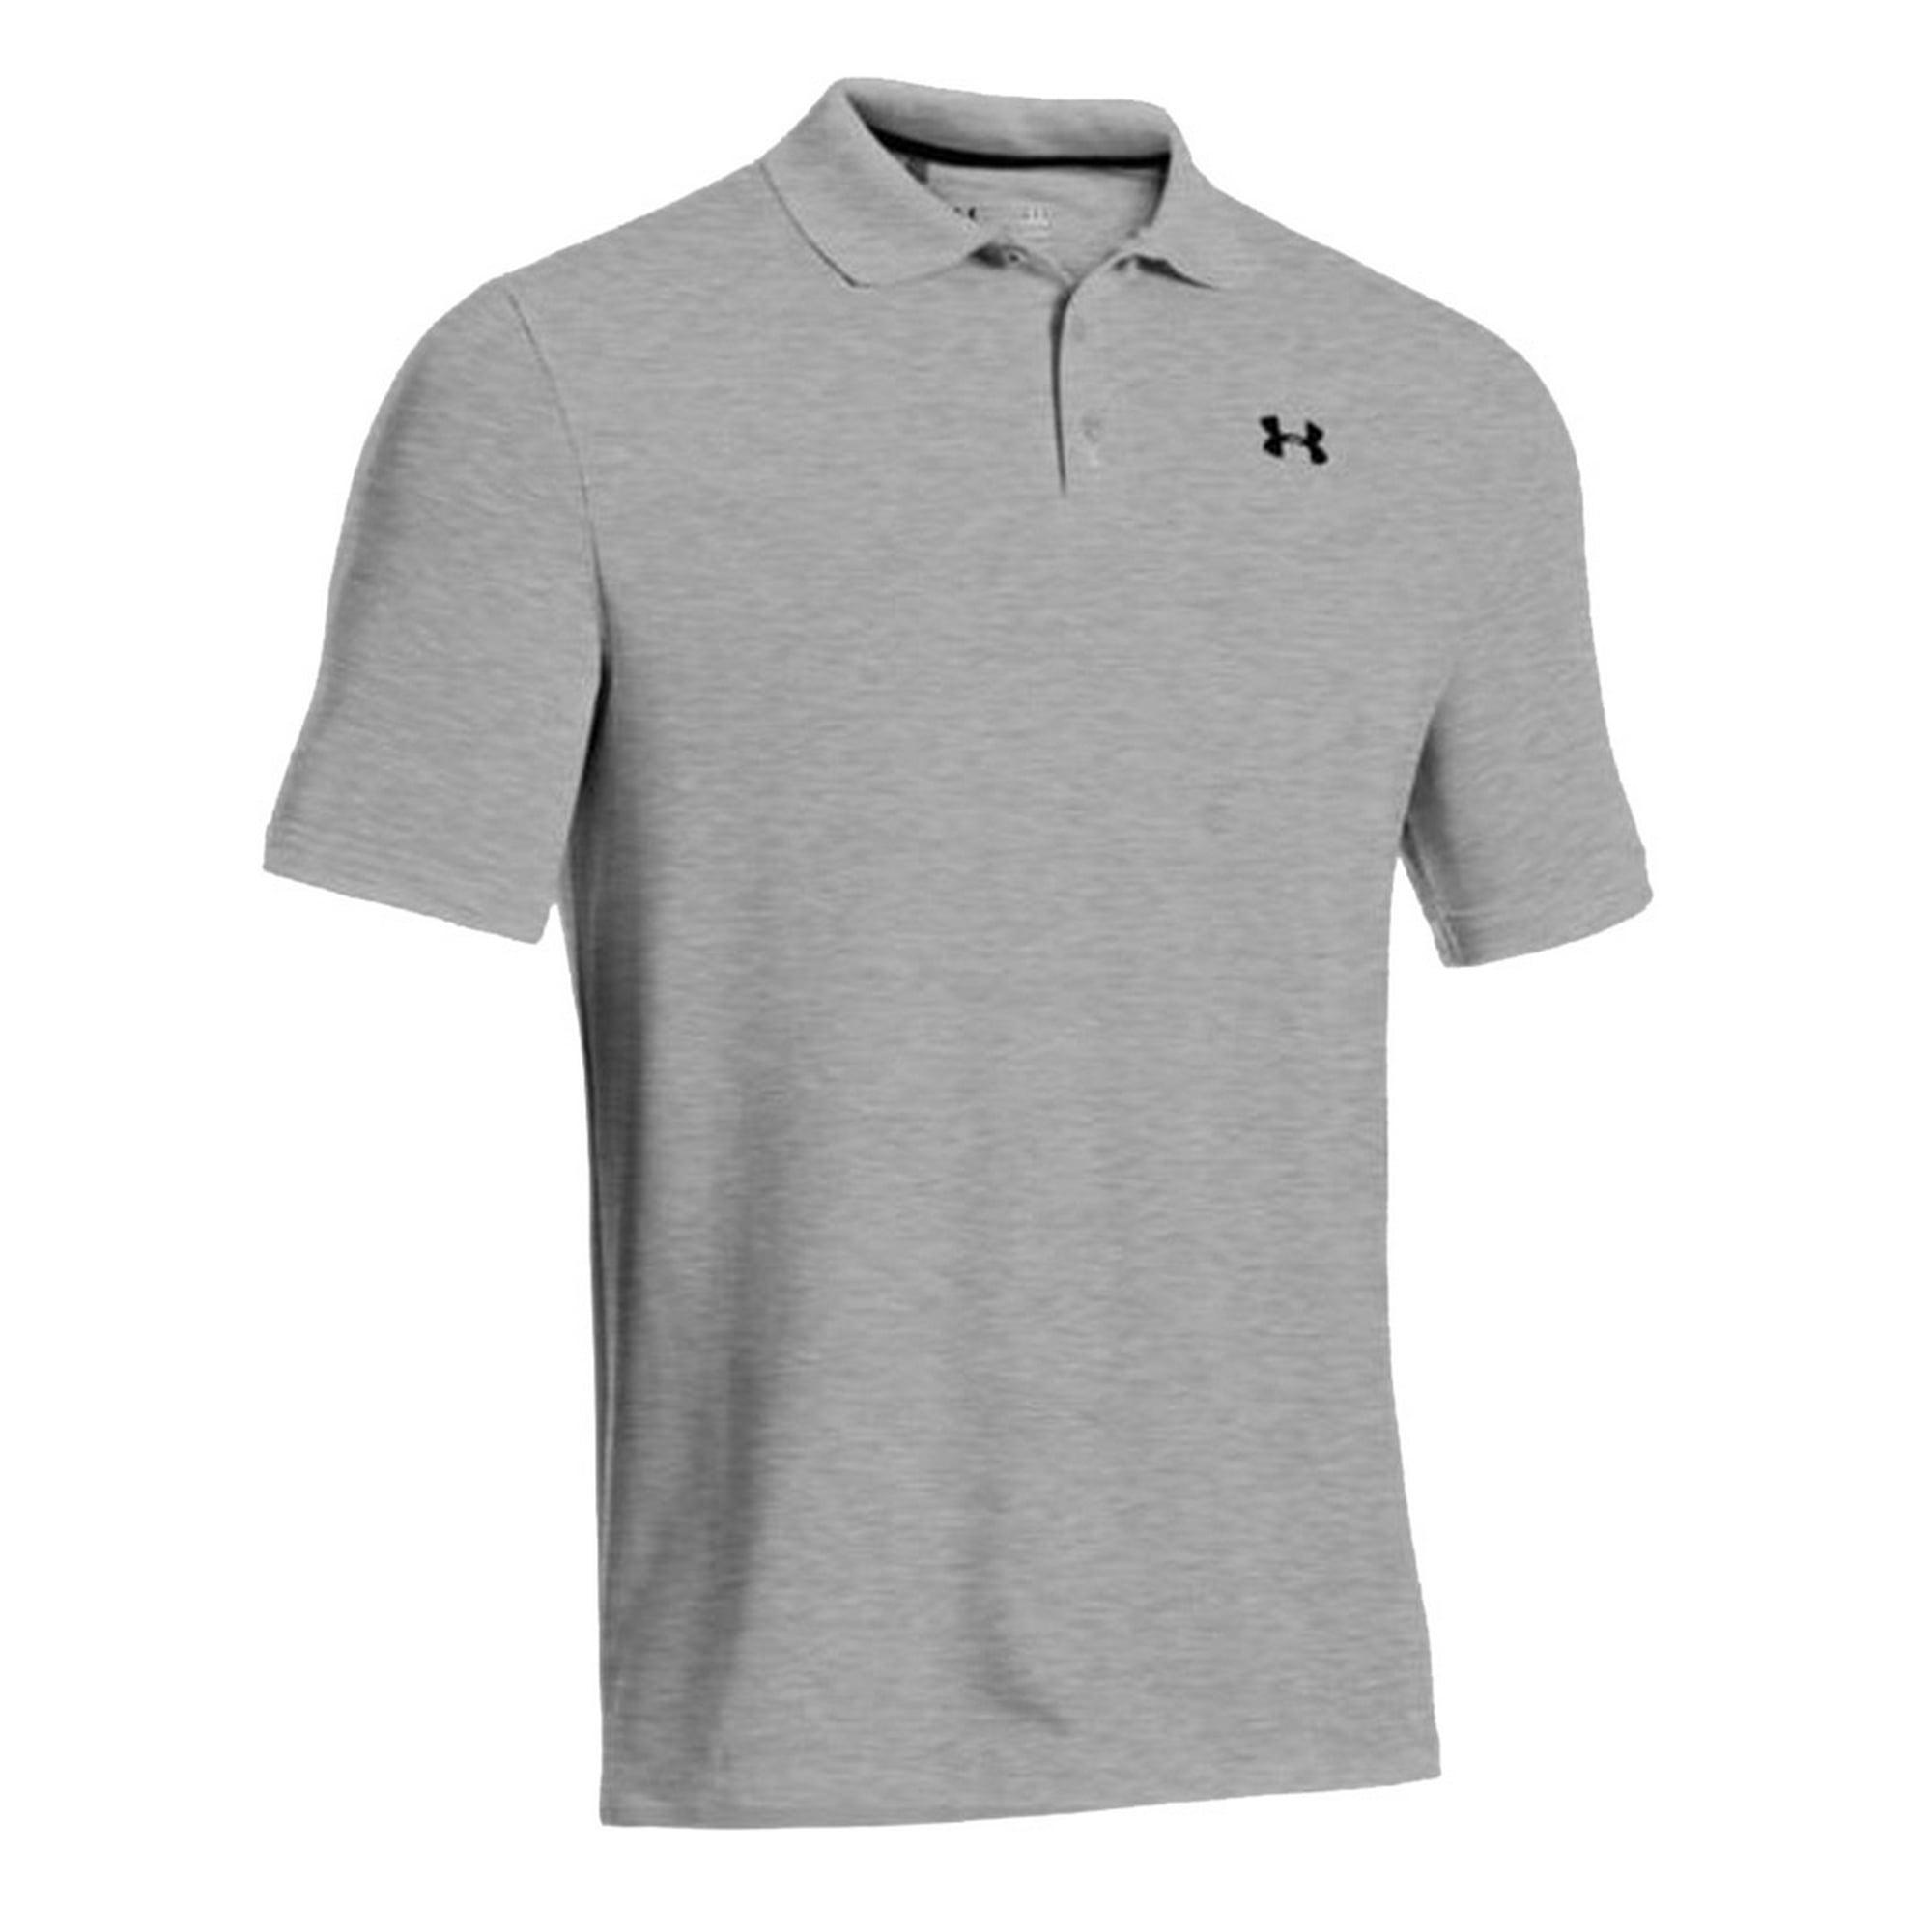 12e5c522a Buy Under Armour UA Men's Performance Golf Polo Shirt 1242755 ...